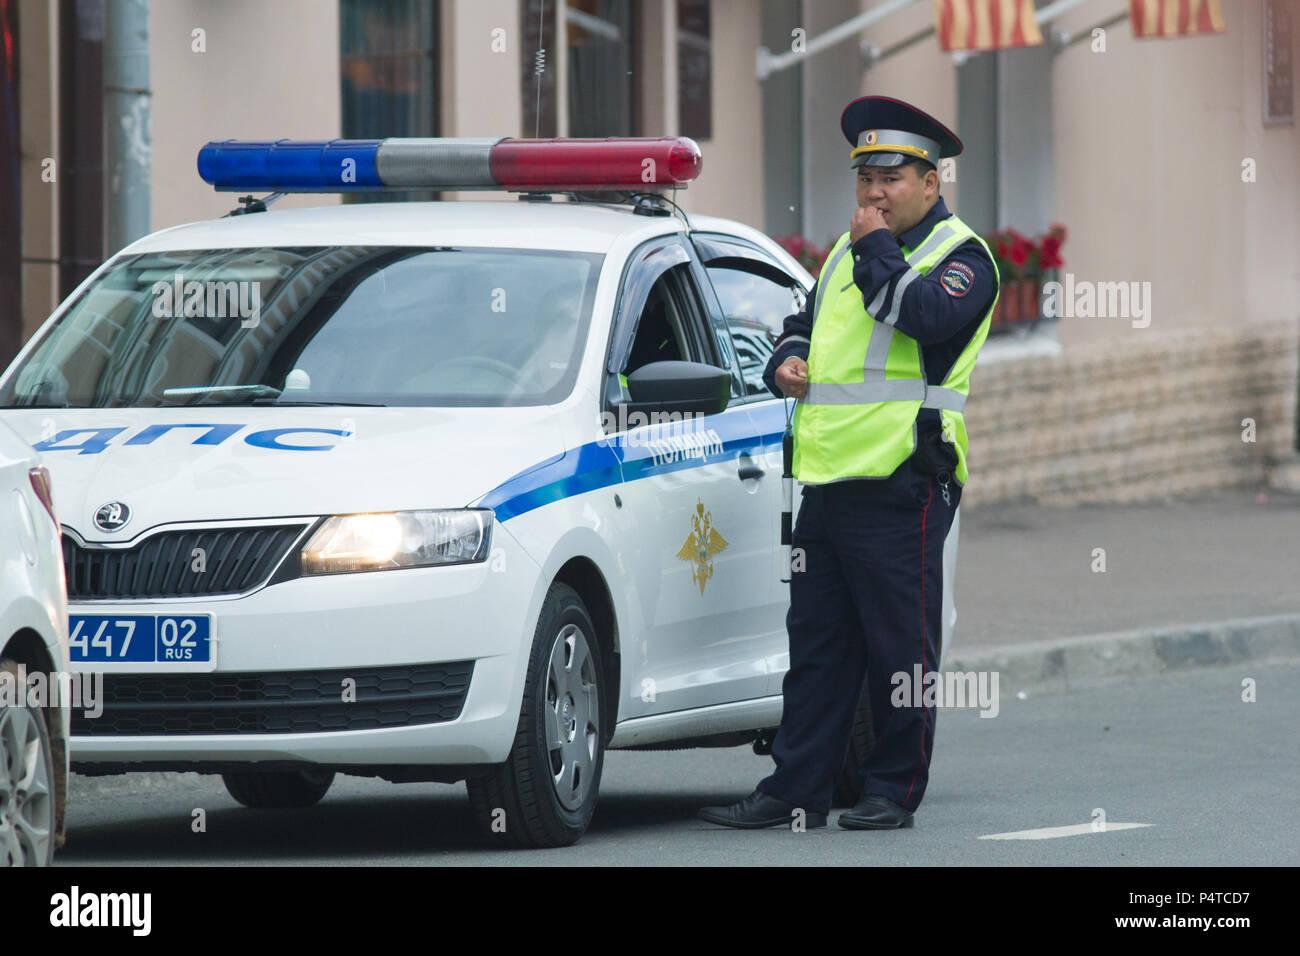 Kasan, Russland - 21. JUNI 2018: Verkehr Polizist stand in der Nähe der Firma Auto an der Straße Stockbild